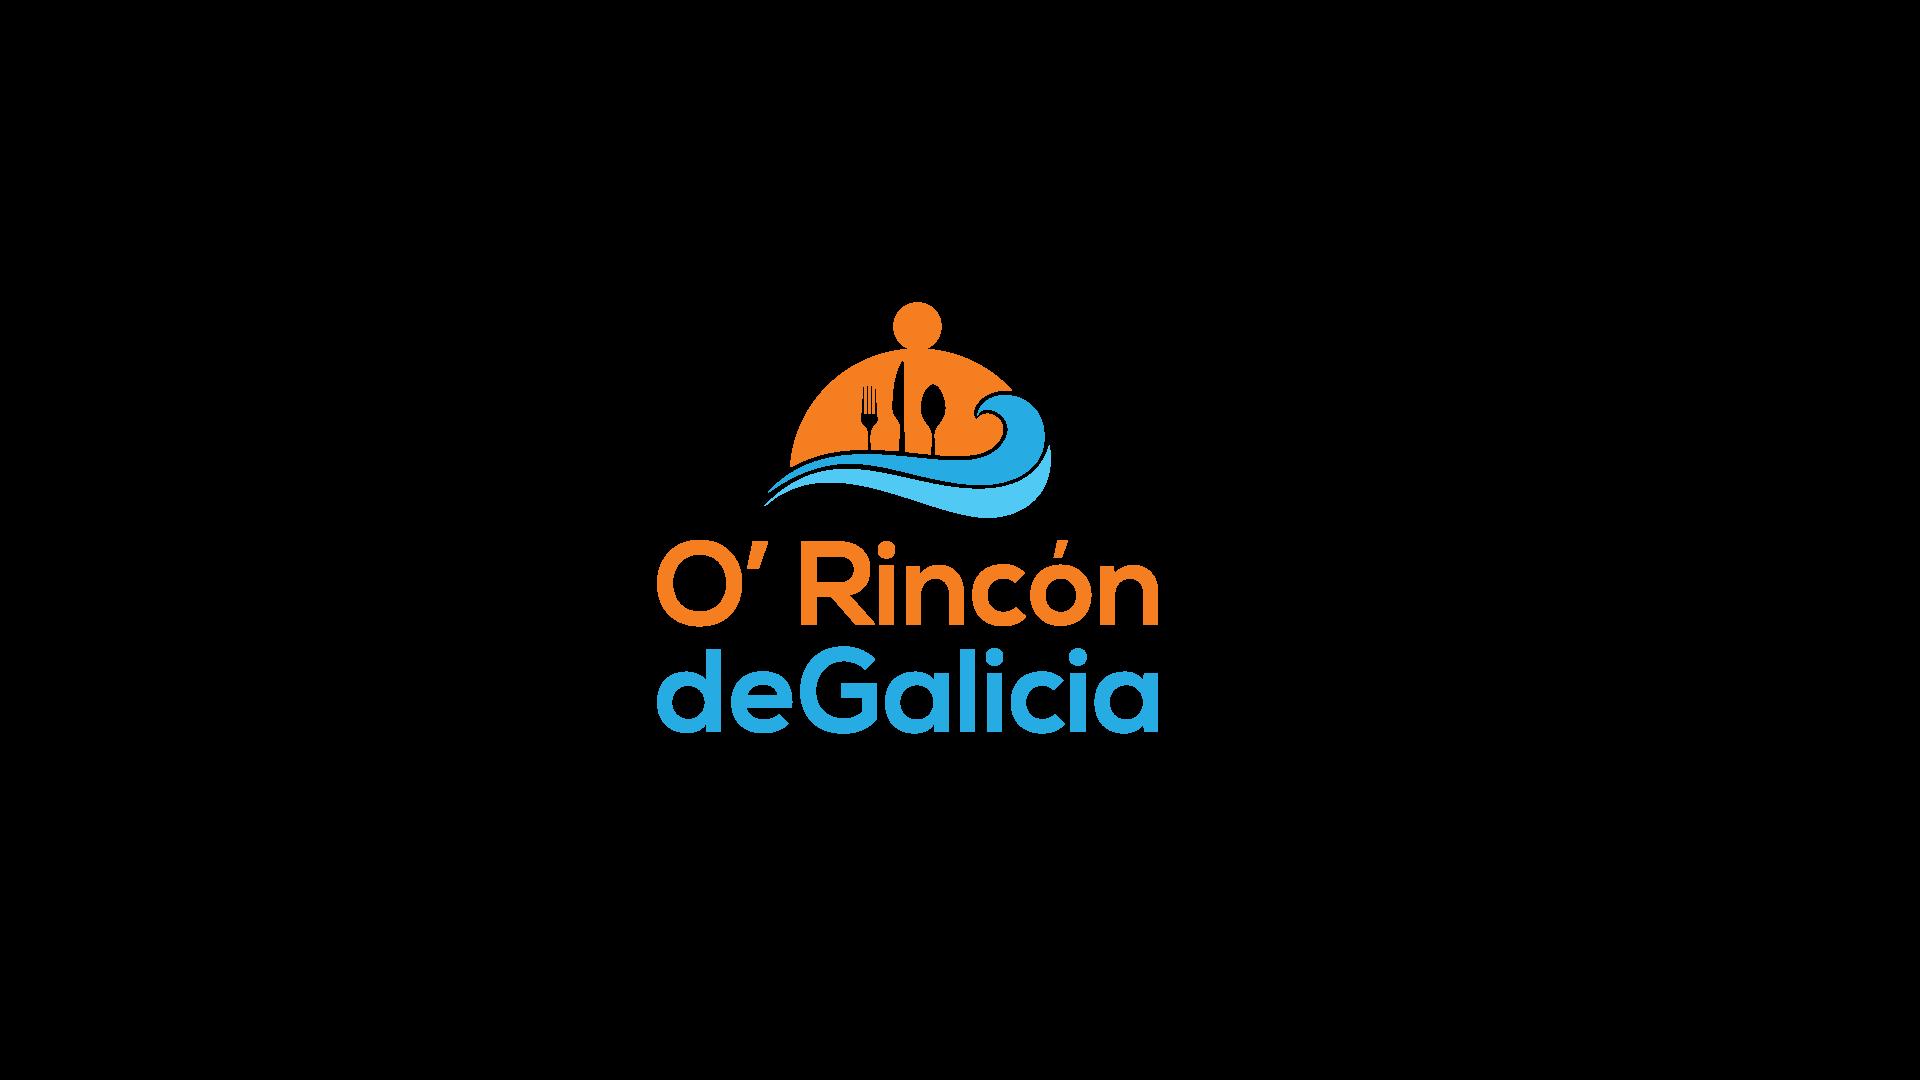 Rincon de Galicia